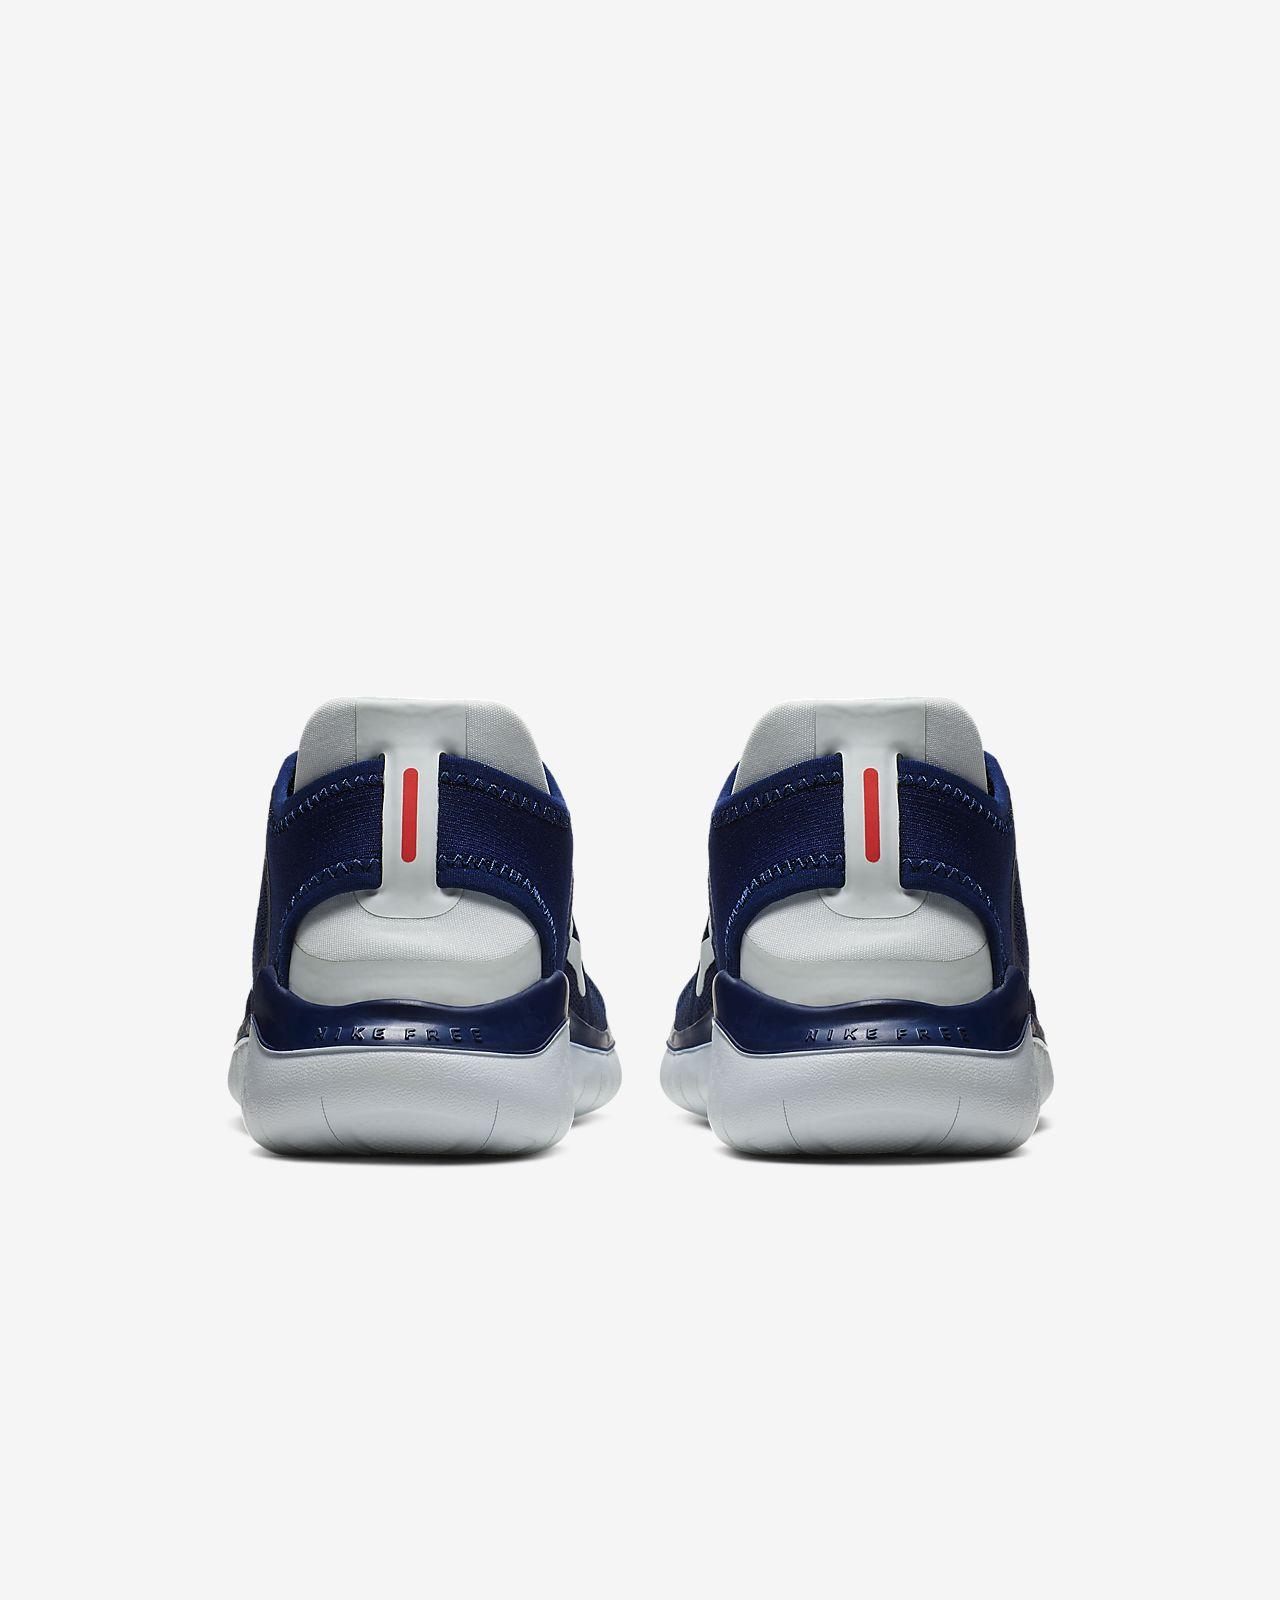 8b3f8f9c0cde Nike Free RN 2018 Women s Running Shoe. Nike.com